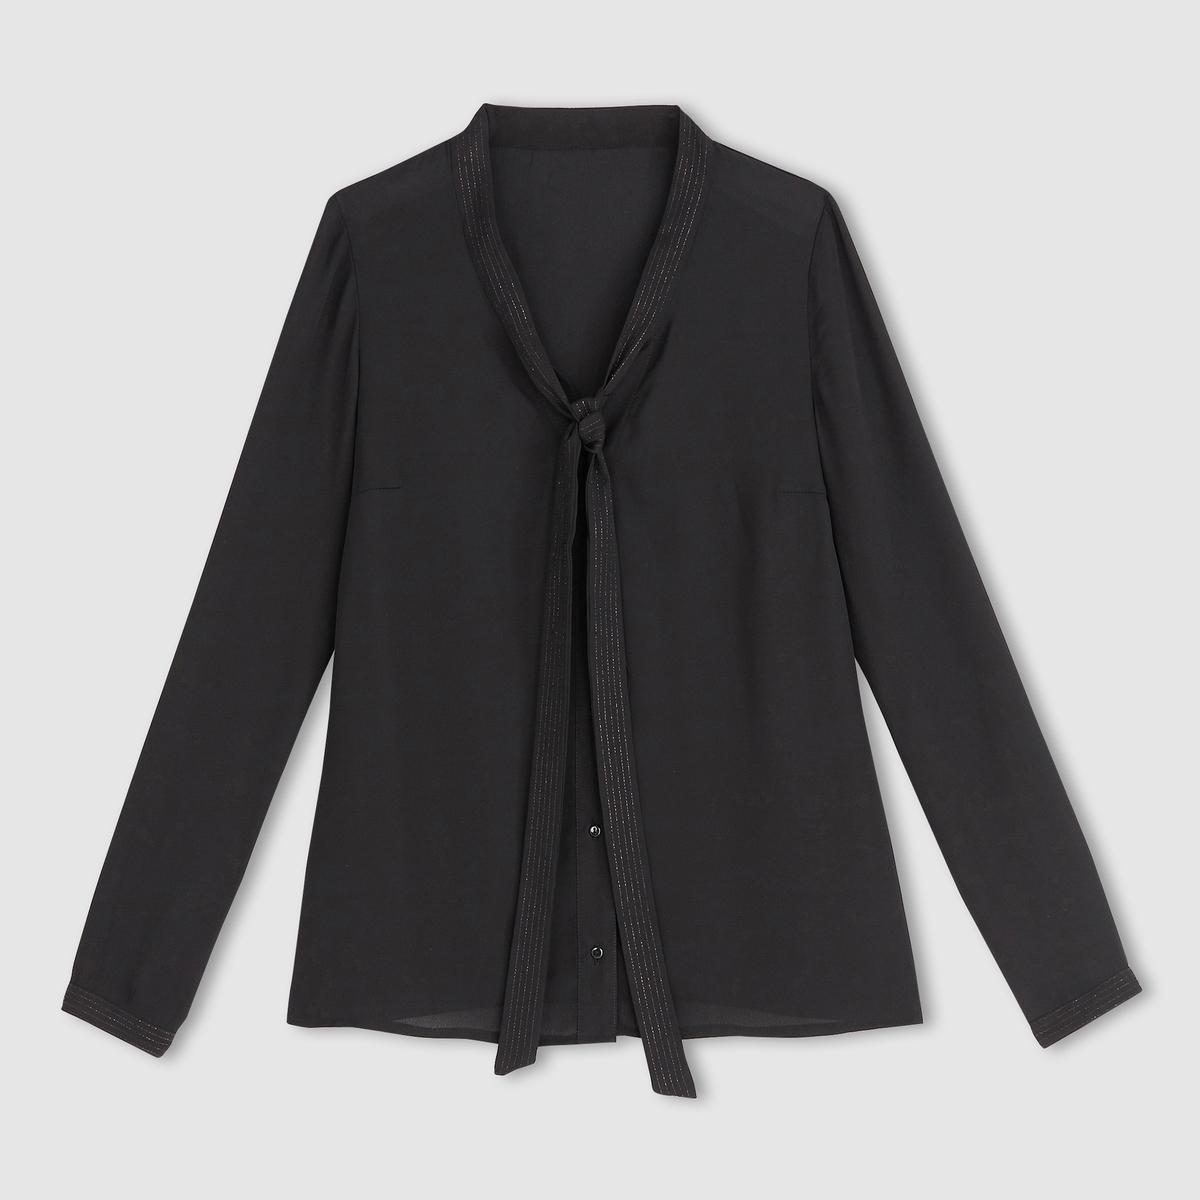 Блузка с галстукомБлузка с галстуком и длинными рукавами. Галстук на завязке. 100% полиэстера.Нашивки из металлизированной ткани. Длина ок.66 см.<br><br>Цвет: оранжевый,черный<br>Размер: 42 (FR) - 48 (RUS).42 (FR) - 48 (RUS)